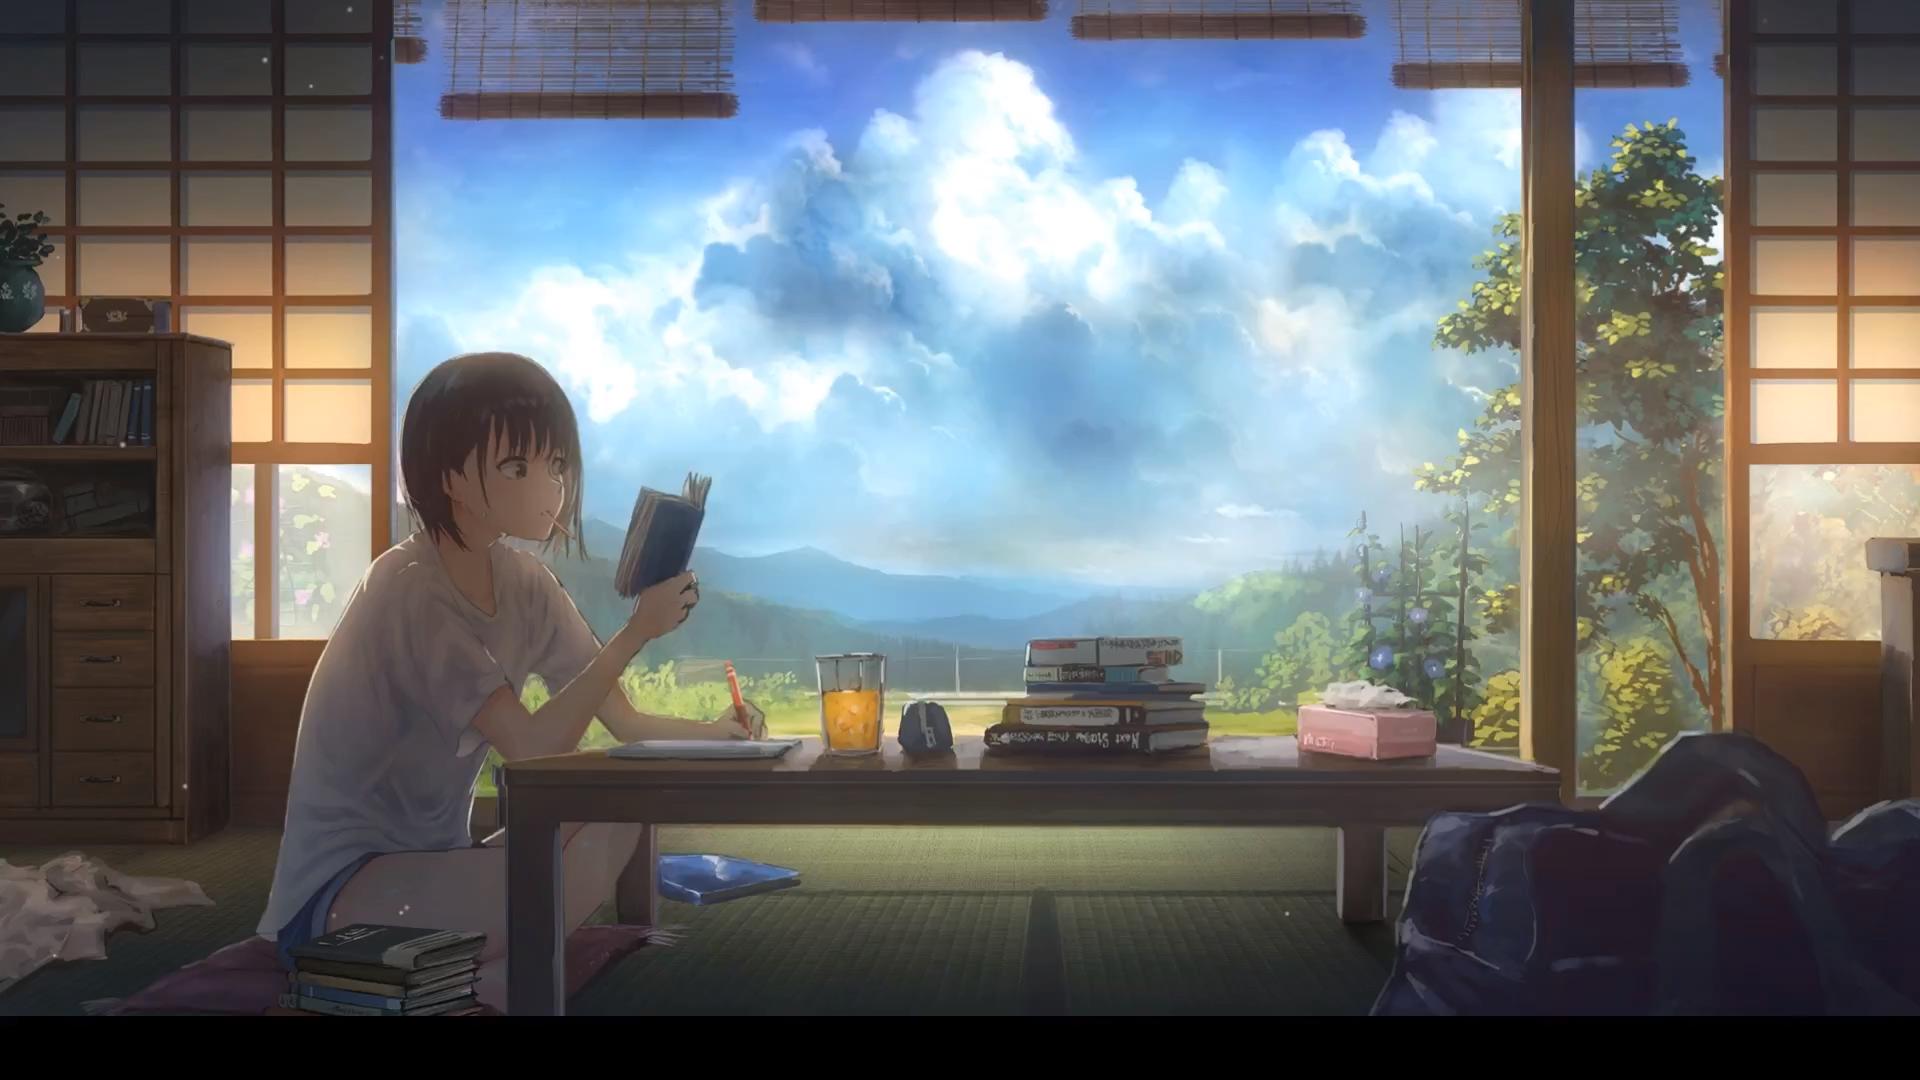 Video Homework Girl Anime Wallpaper Pemandangan Anime Pemandangan Gambar Bergerak